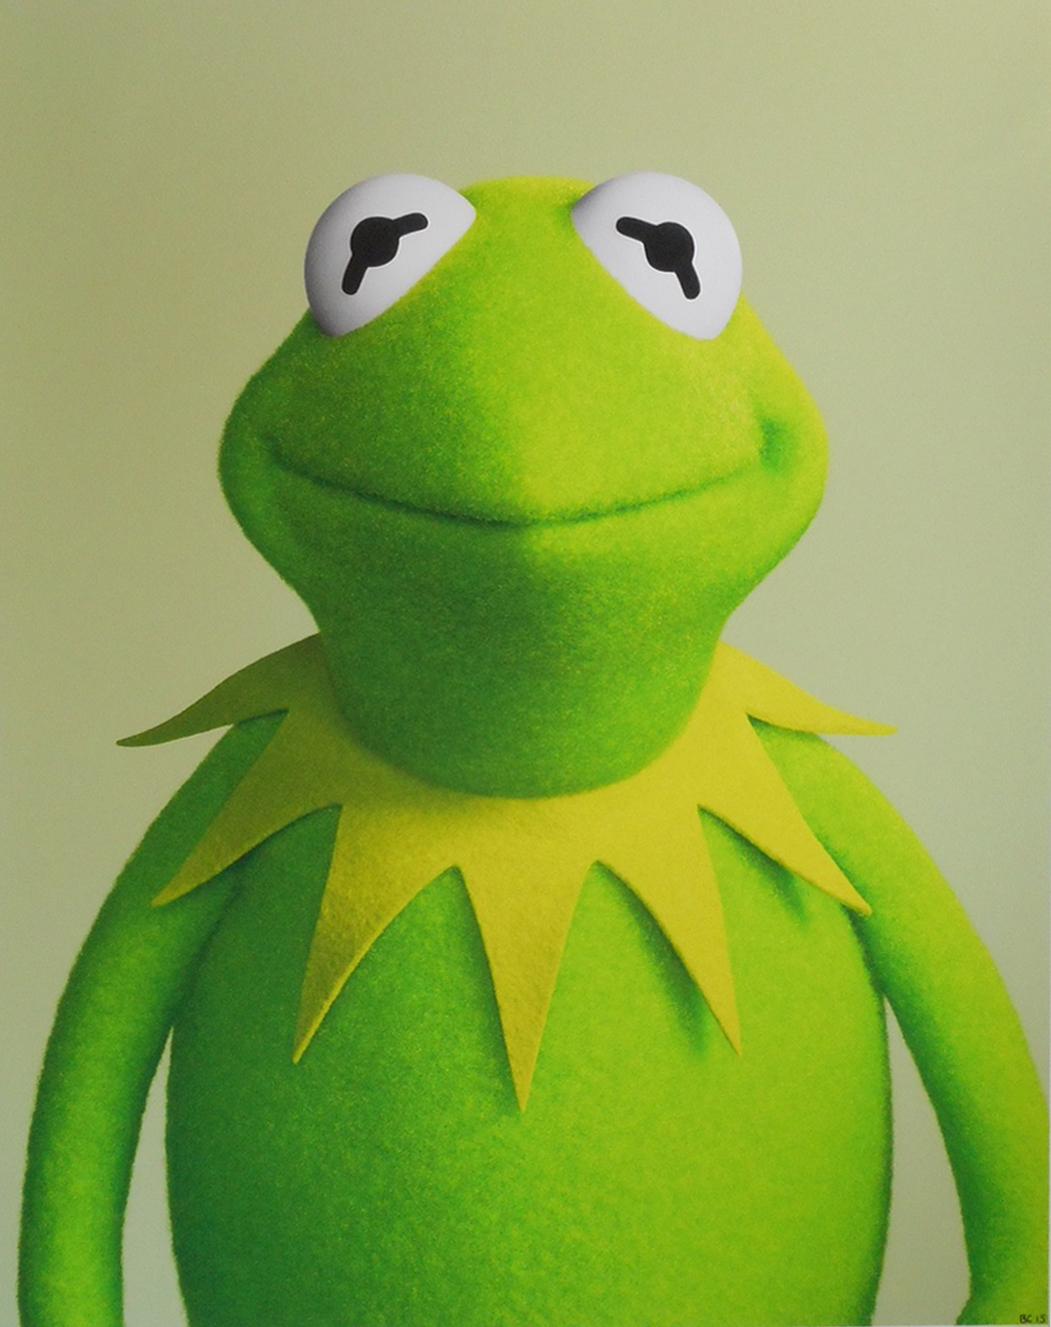 Kermit's Swamp Years - Wikipedia